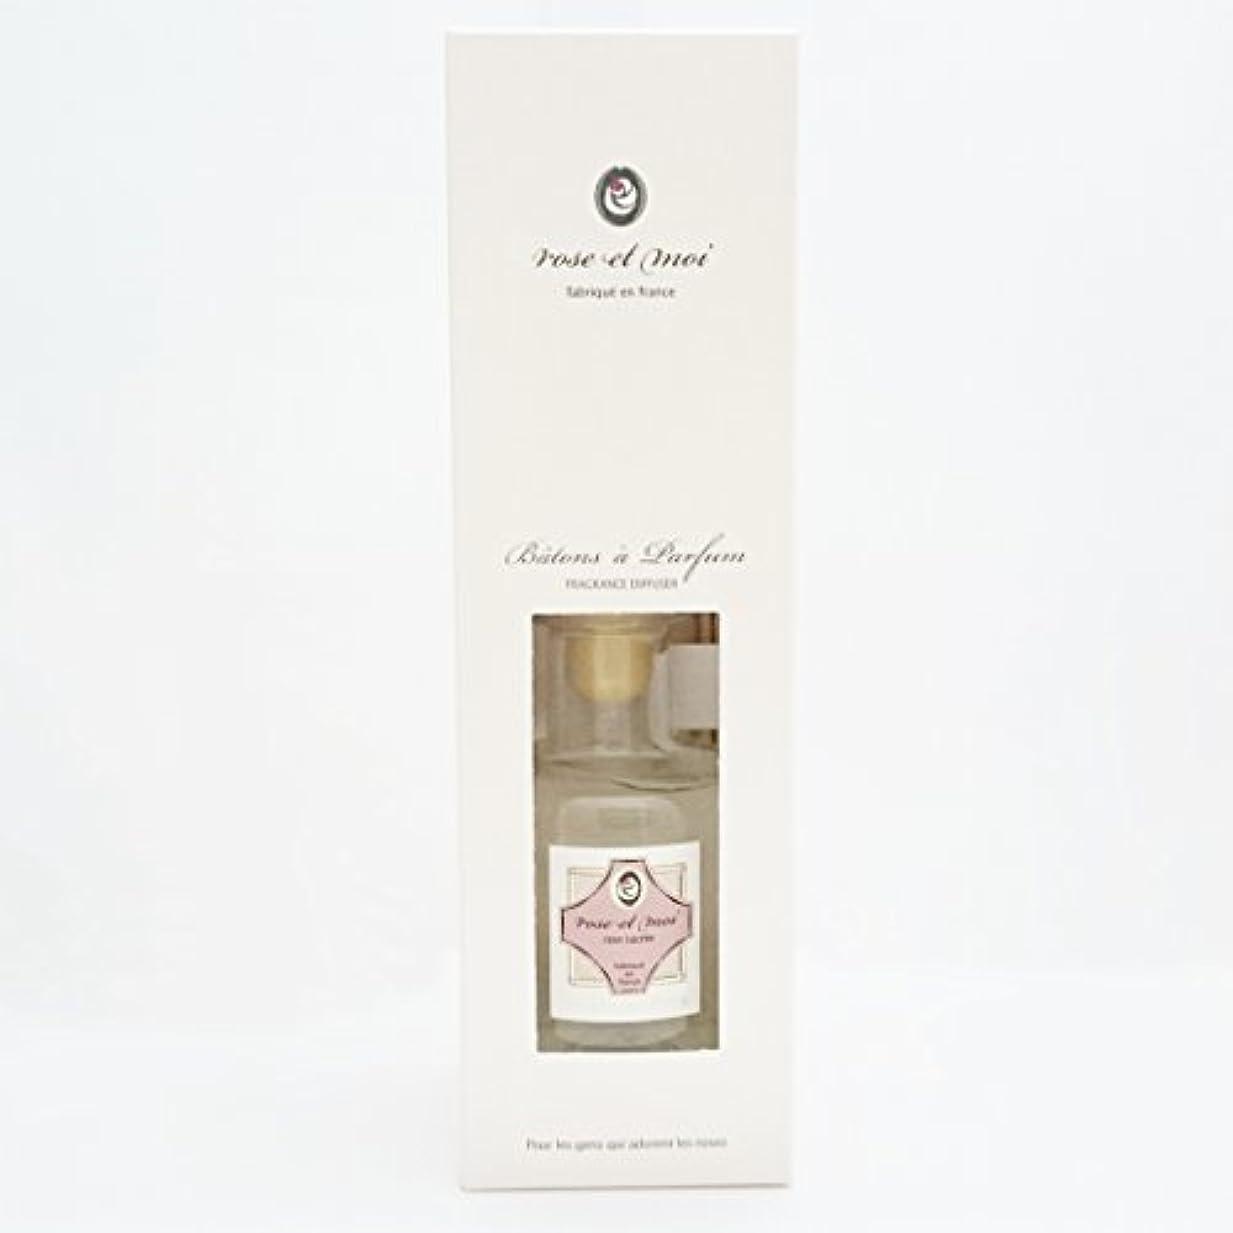 アンビエントのれん争う【ローズシュクレ】Lothantique(ロタンティック)  rose et moi(ローズ エ モア)  フレグランスディフューザー 200ml (rose sucree(ローズ シュクレ))4994228026972